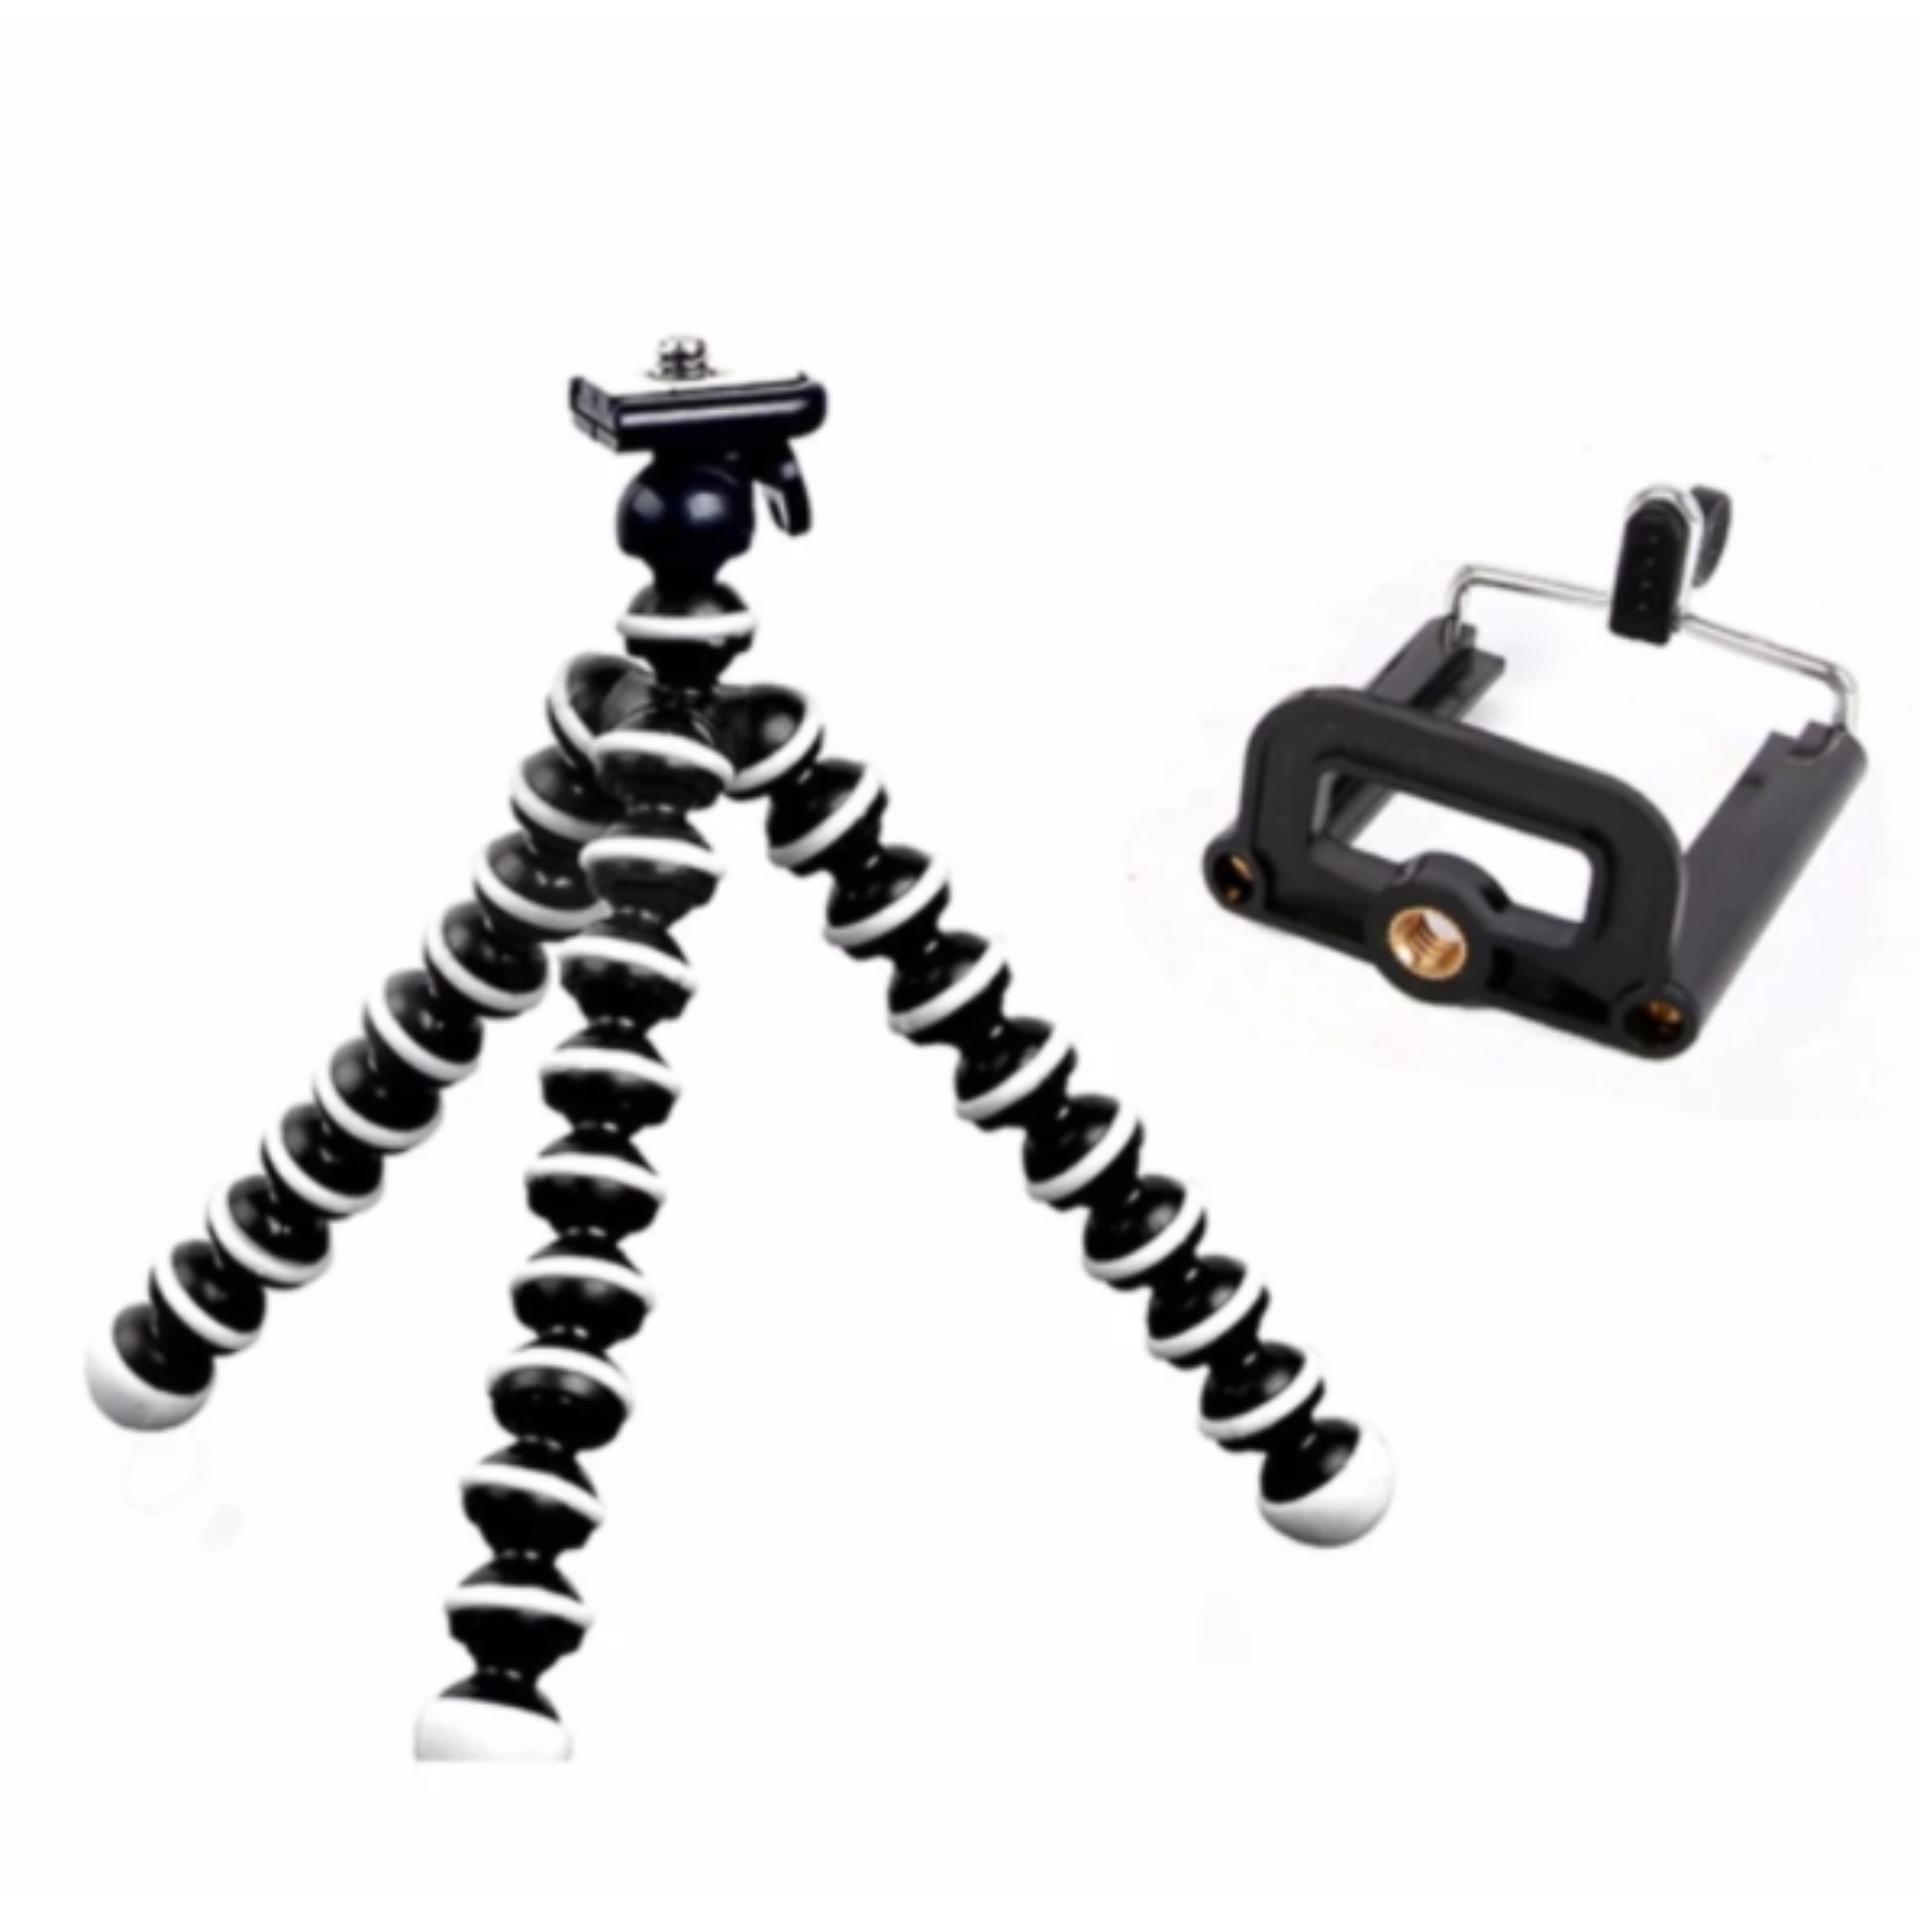 Chân máy ảnh bạch tuộc PhúcAn